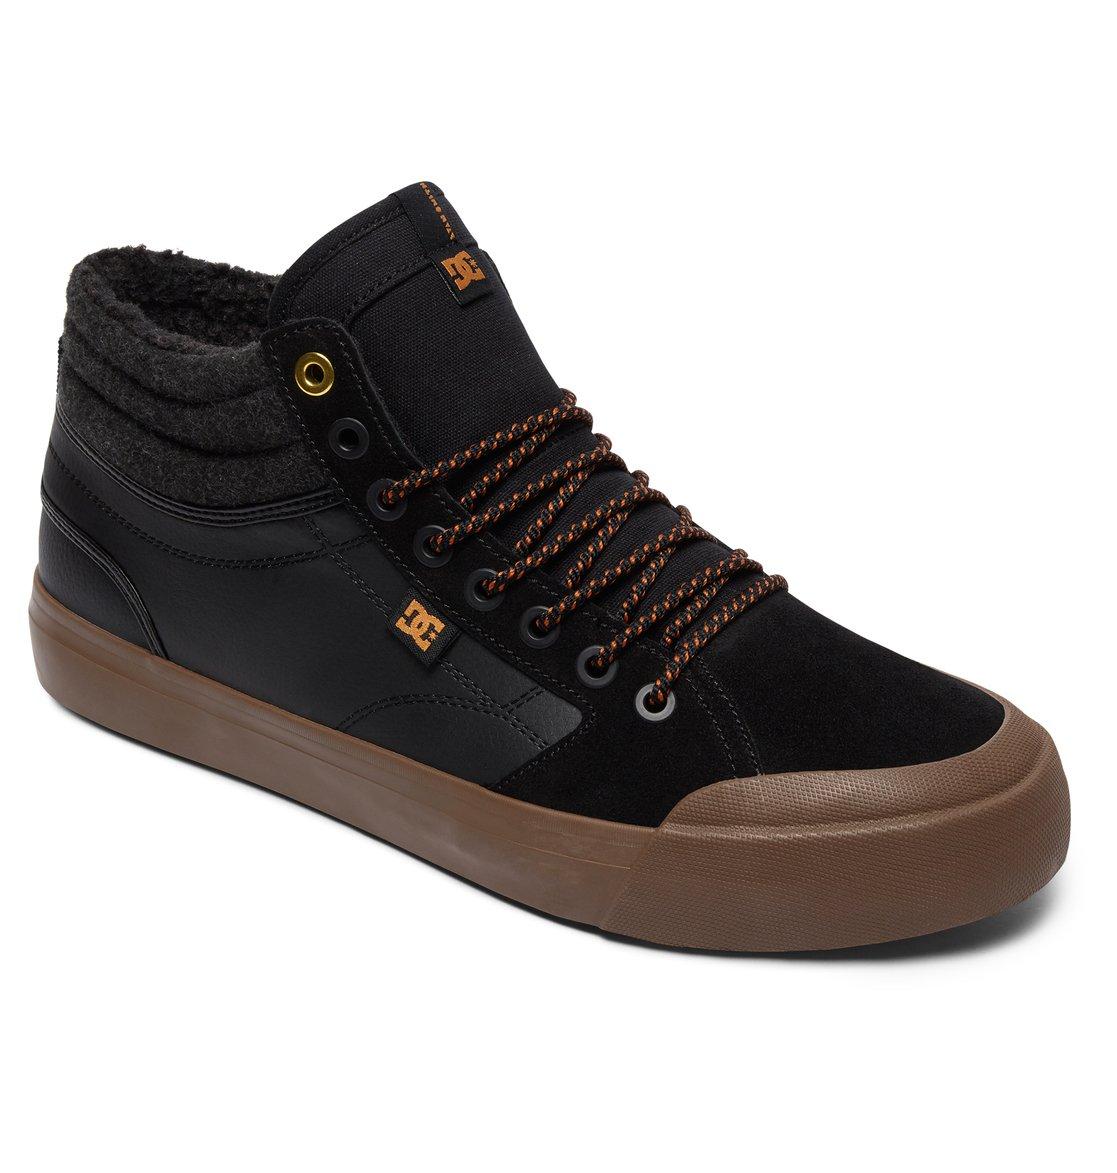 Dc Shoes A Motif